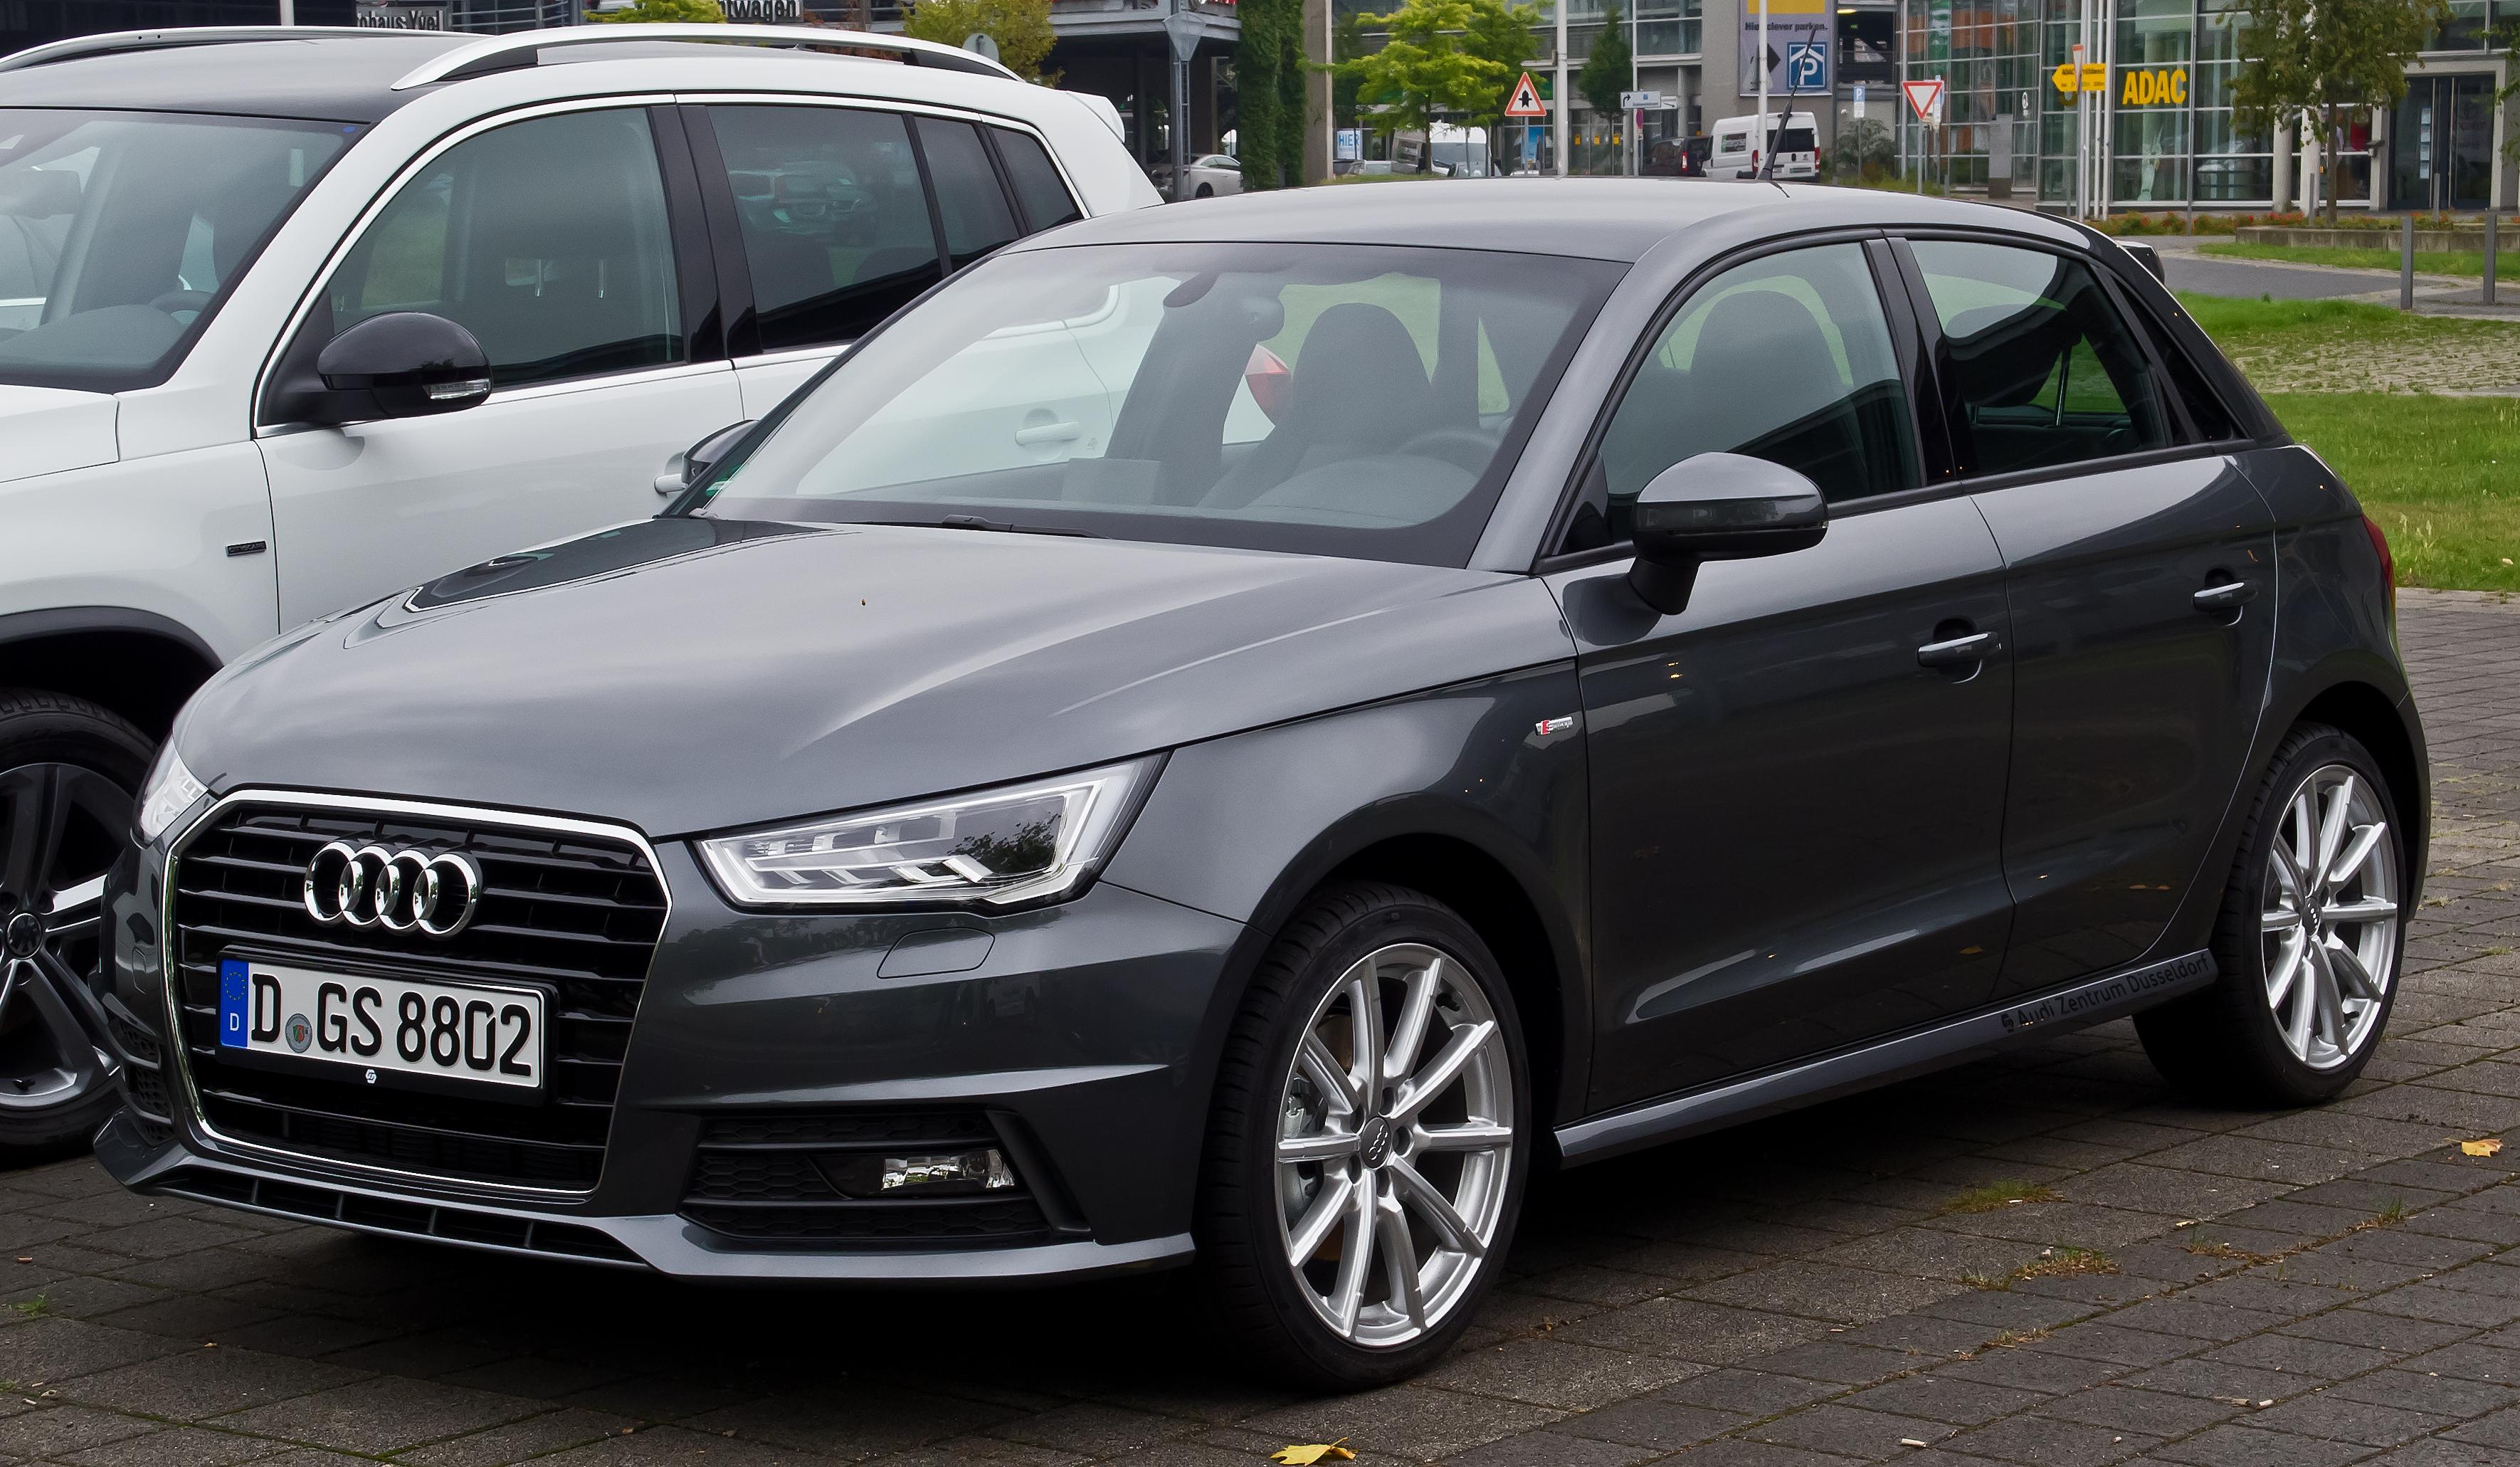 Audi A1 Backgrounds, Compatible - PC, Mobile, Gadgets| 3541x2061 px